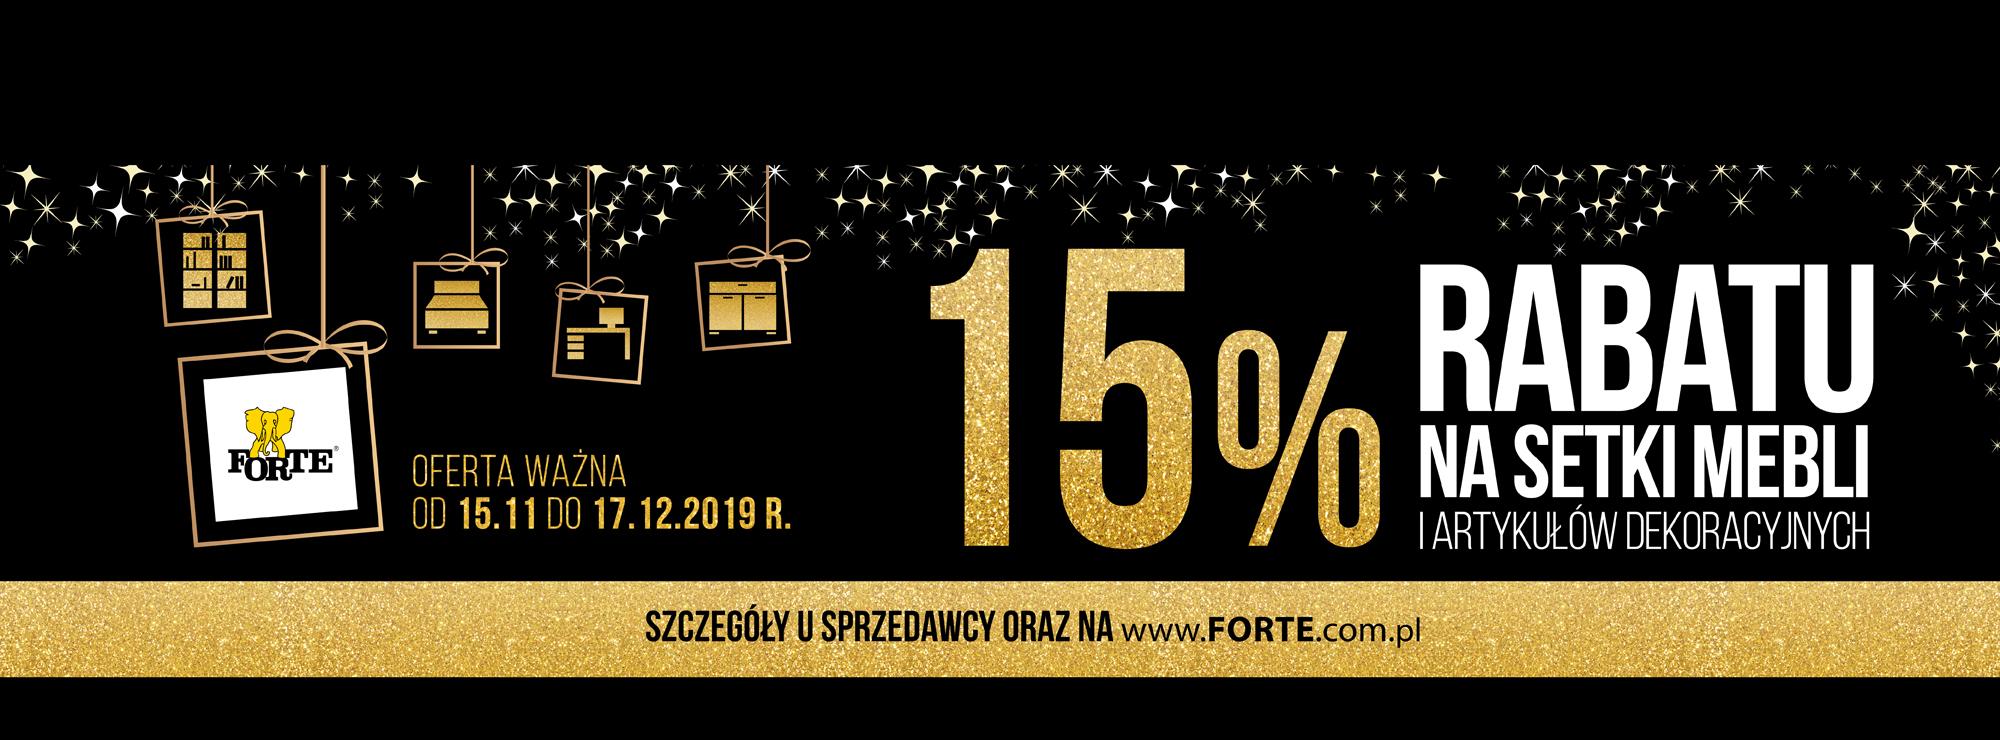 Toruń_2000x740